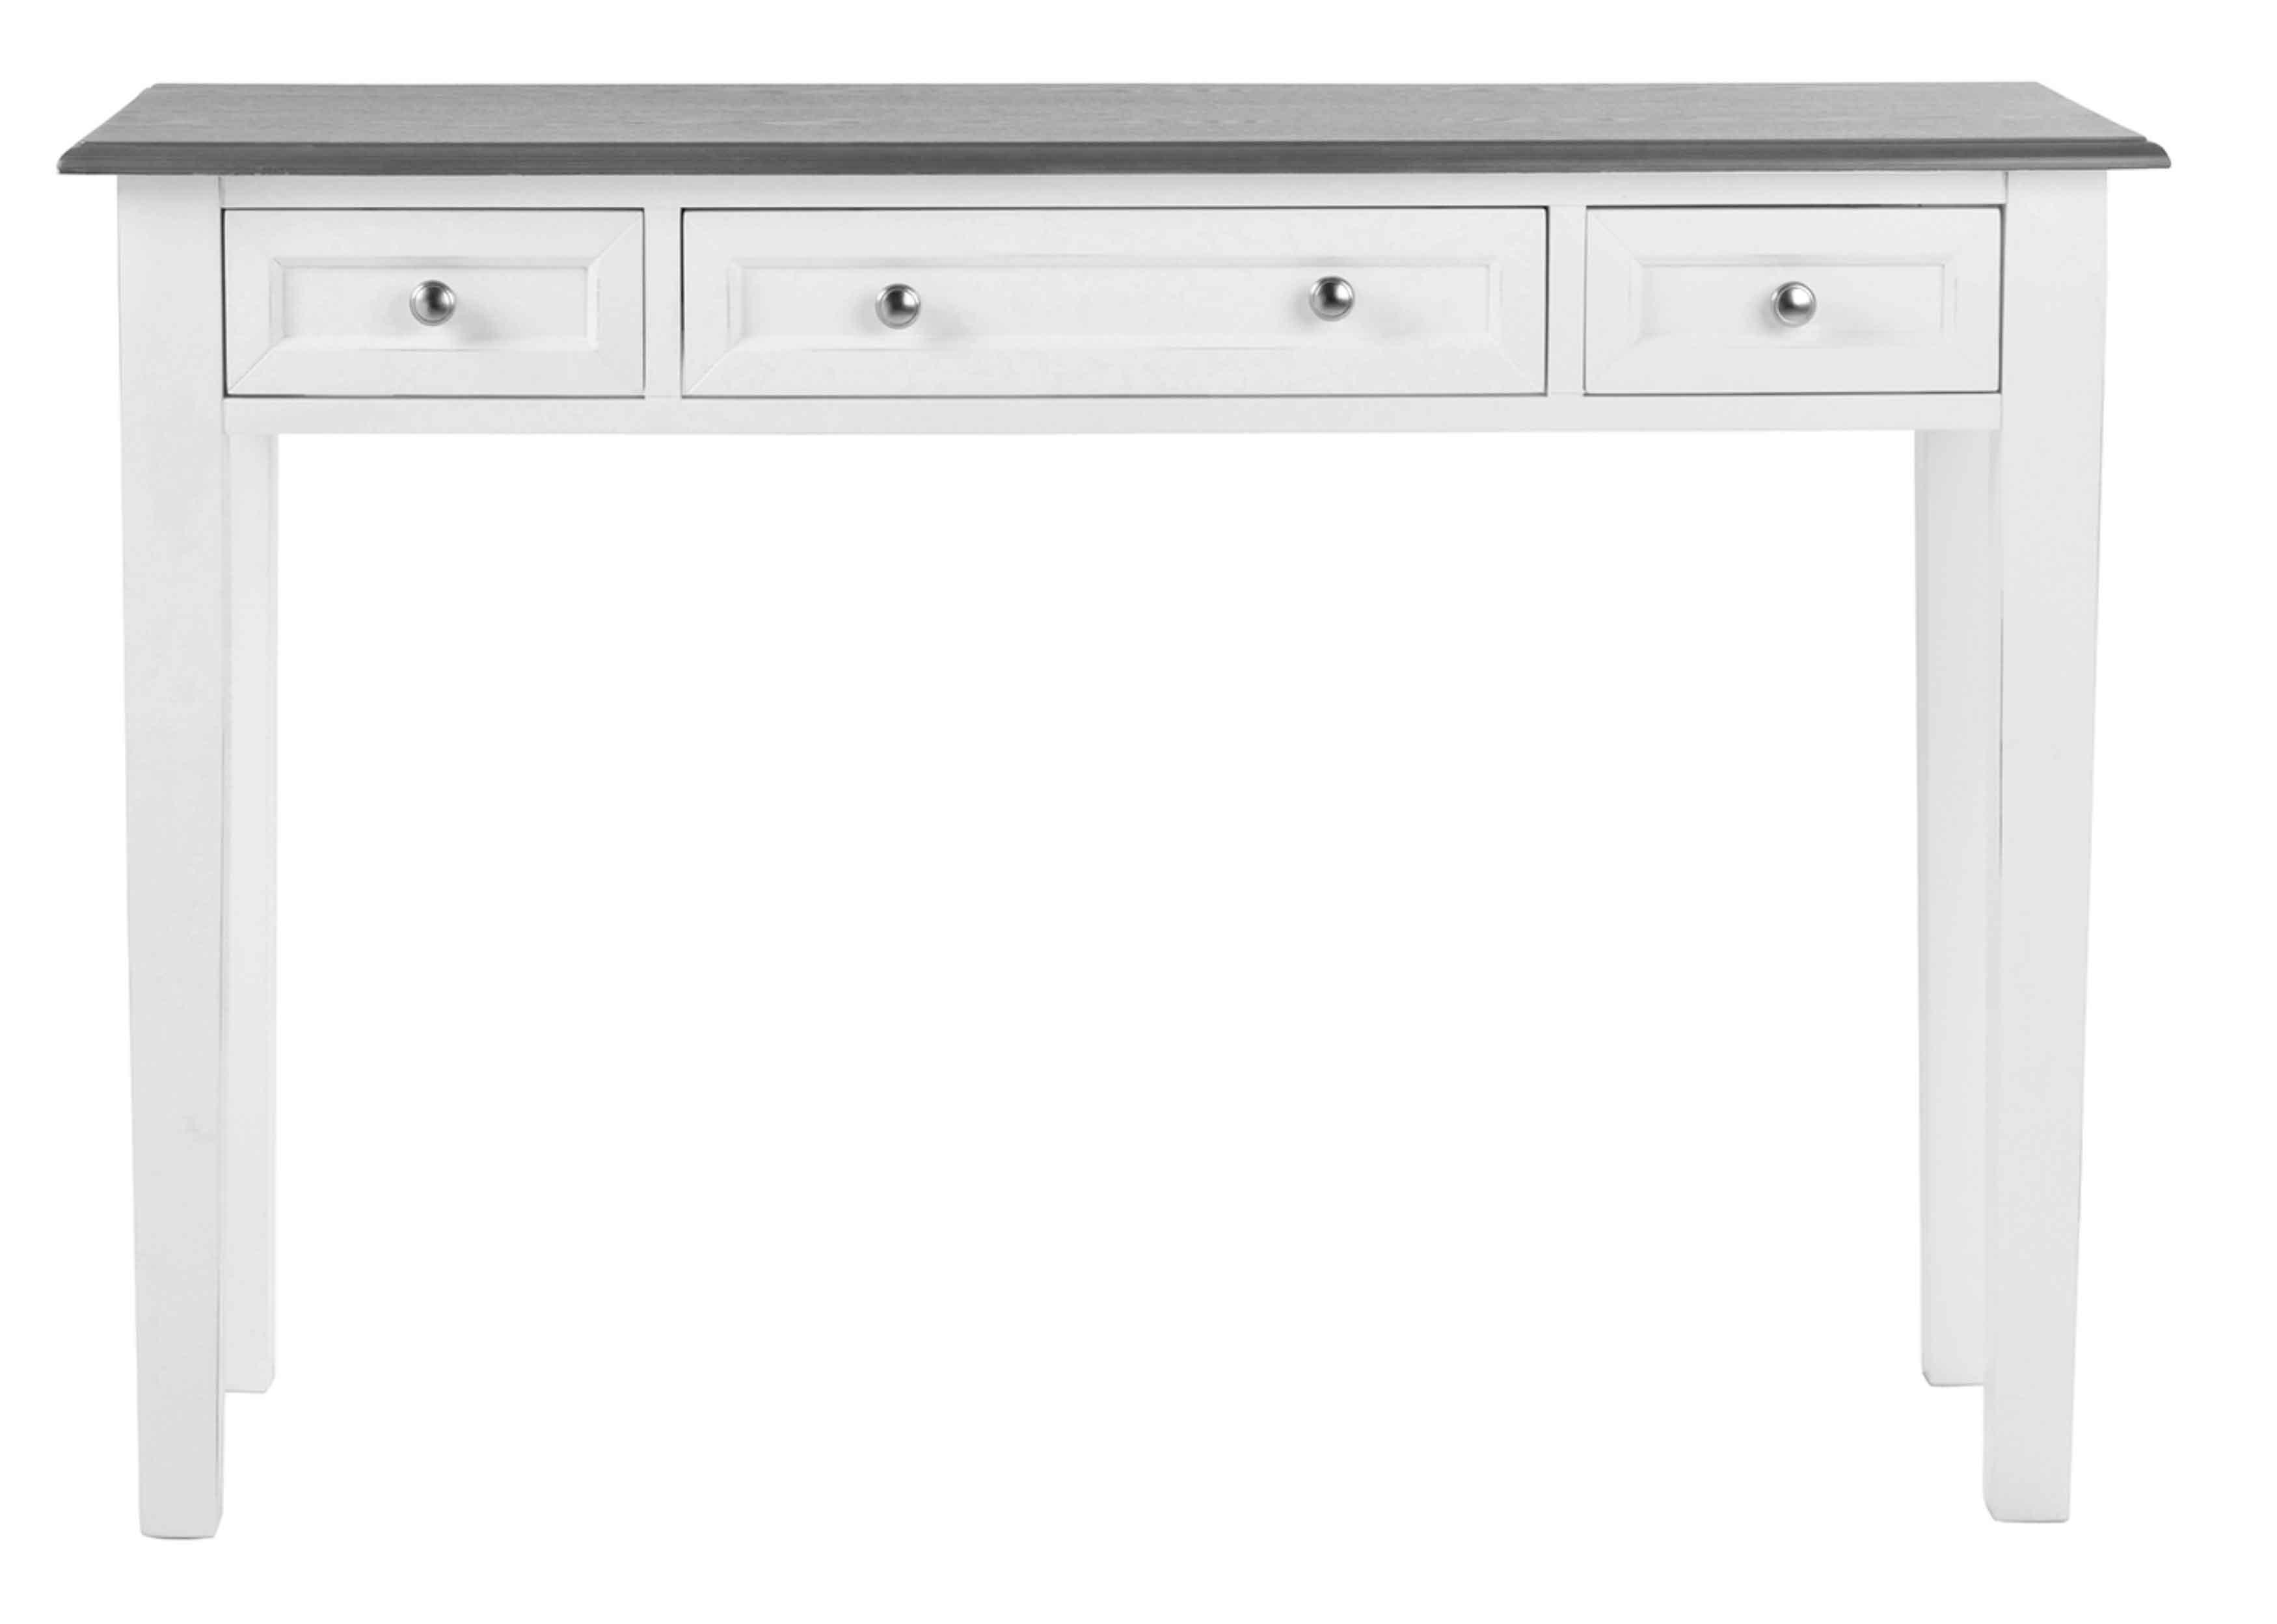 Viktoria konsolbord - hvidt/gråt træ, m. 3 skuffer